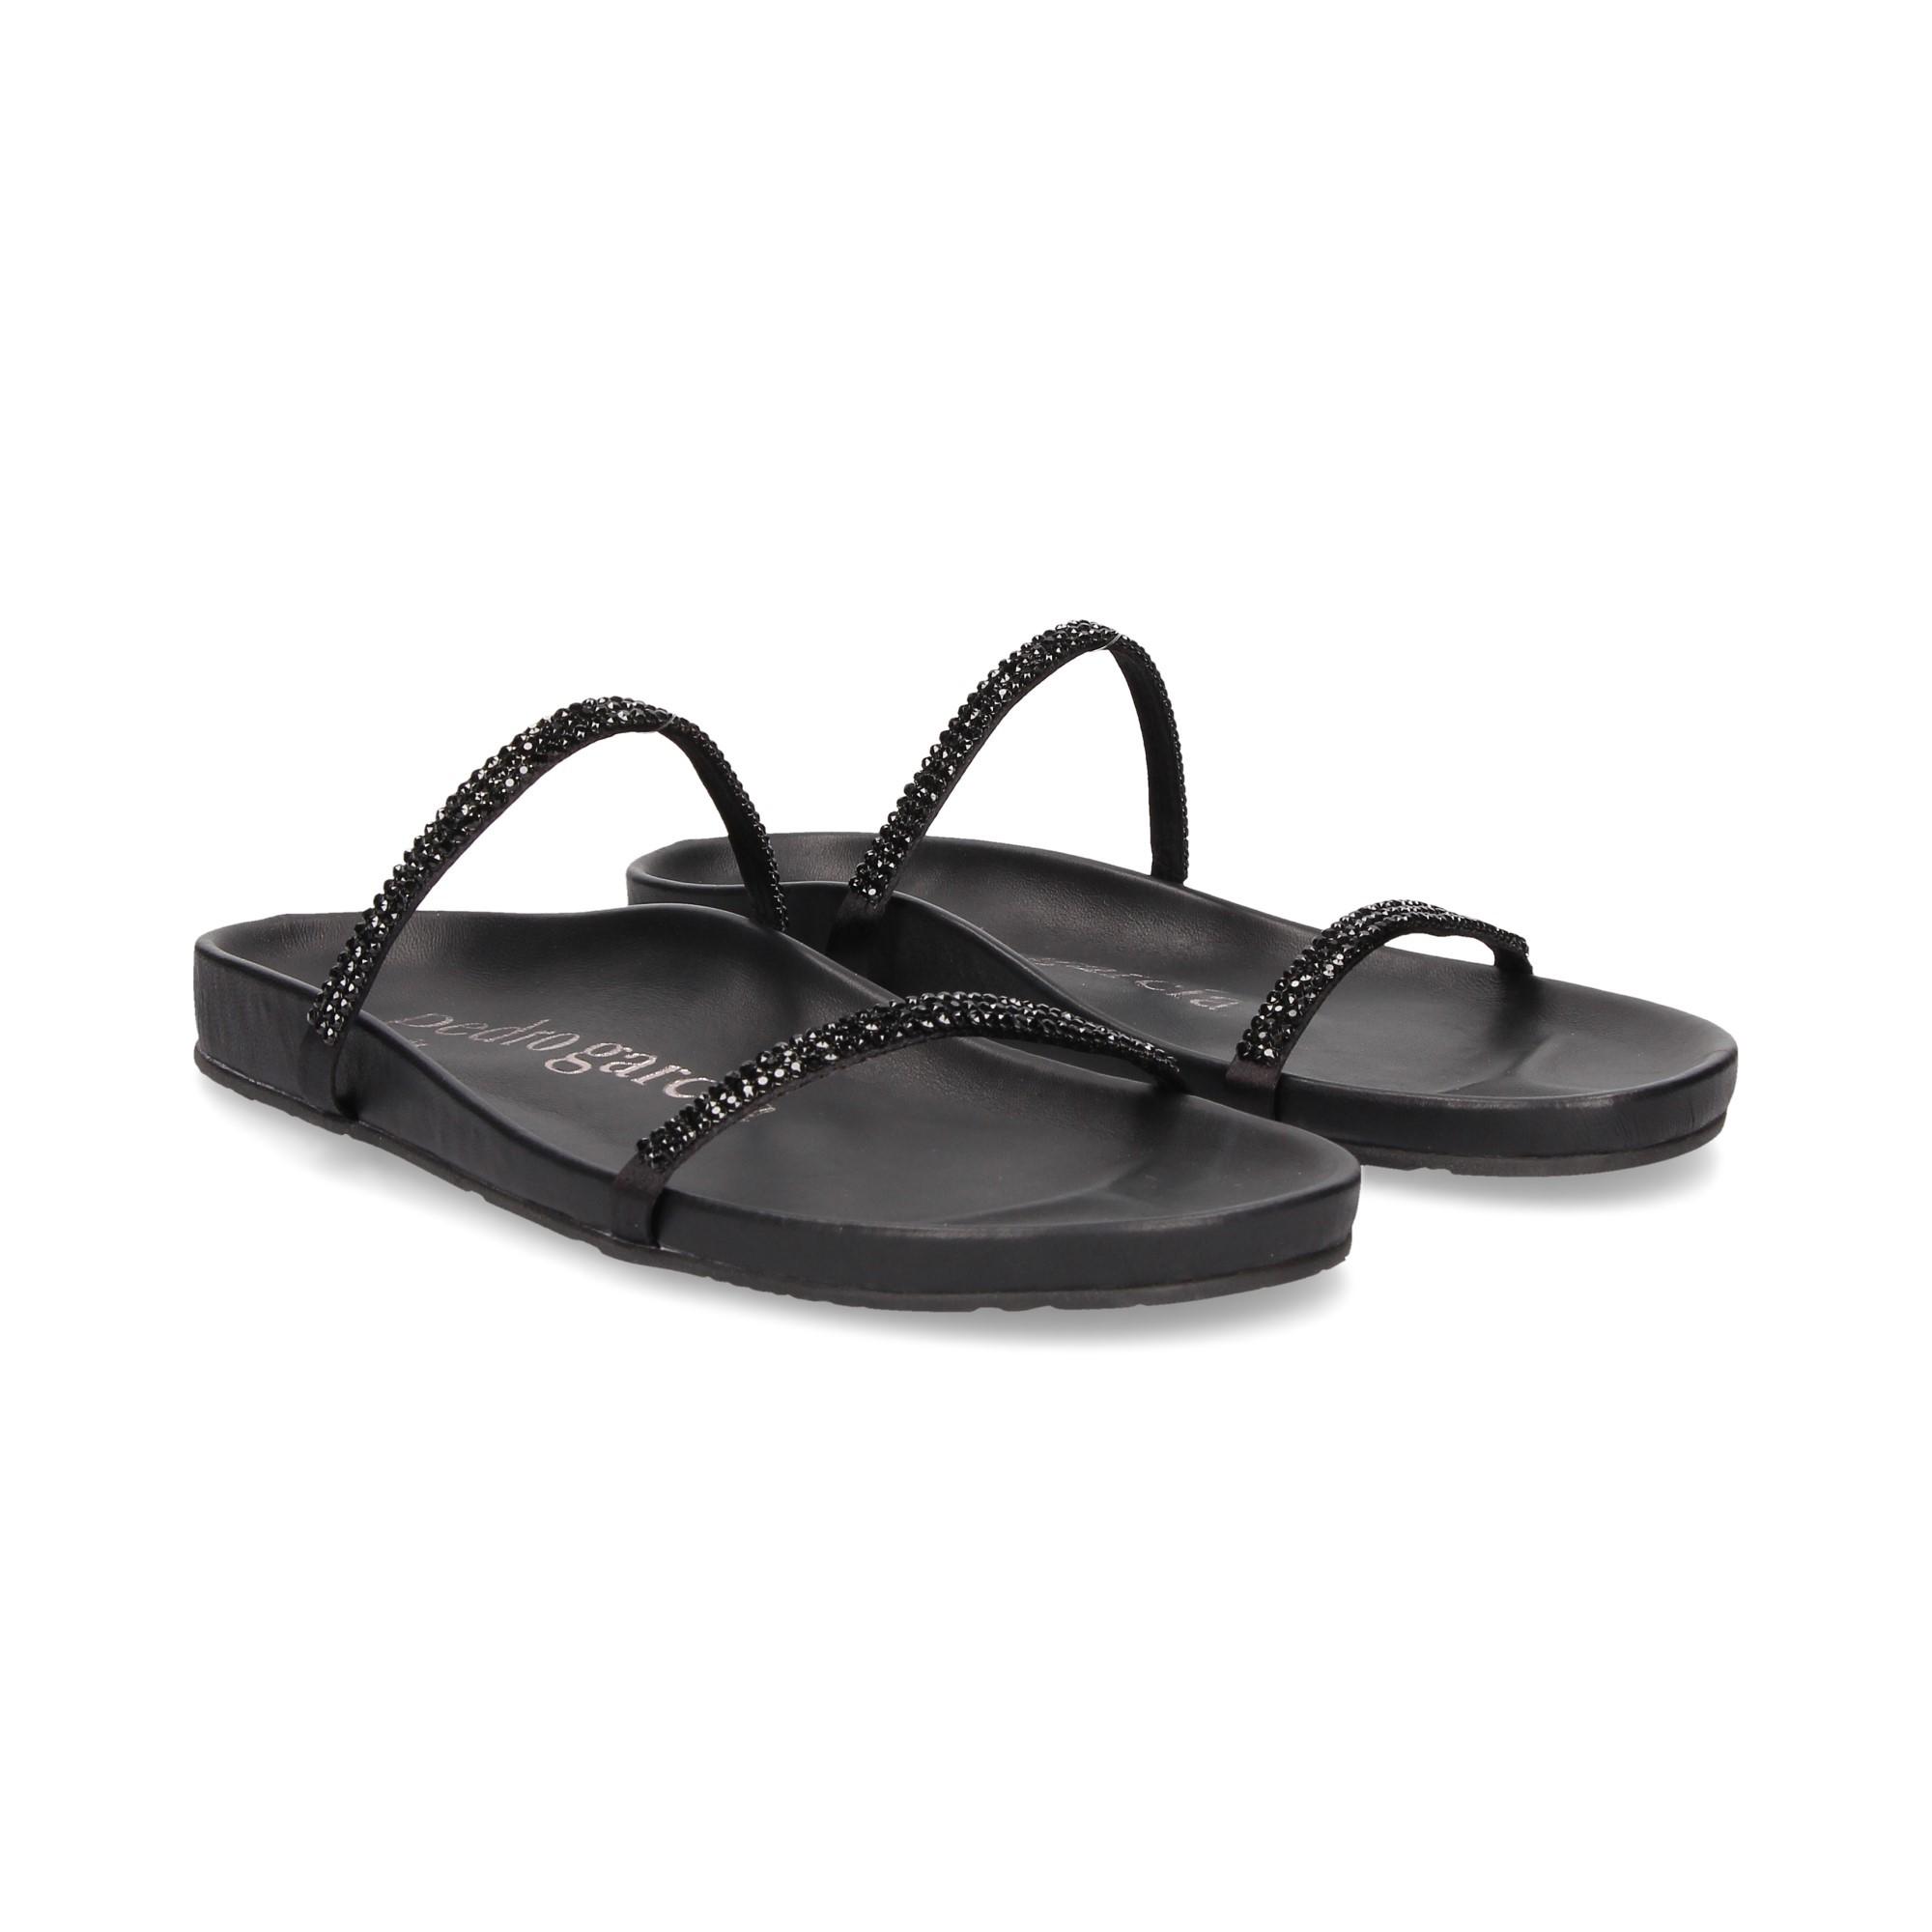 667c84ab9142 PEDRO GARCIA Women s Flat sandals AMANDA NEGRO